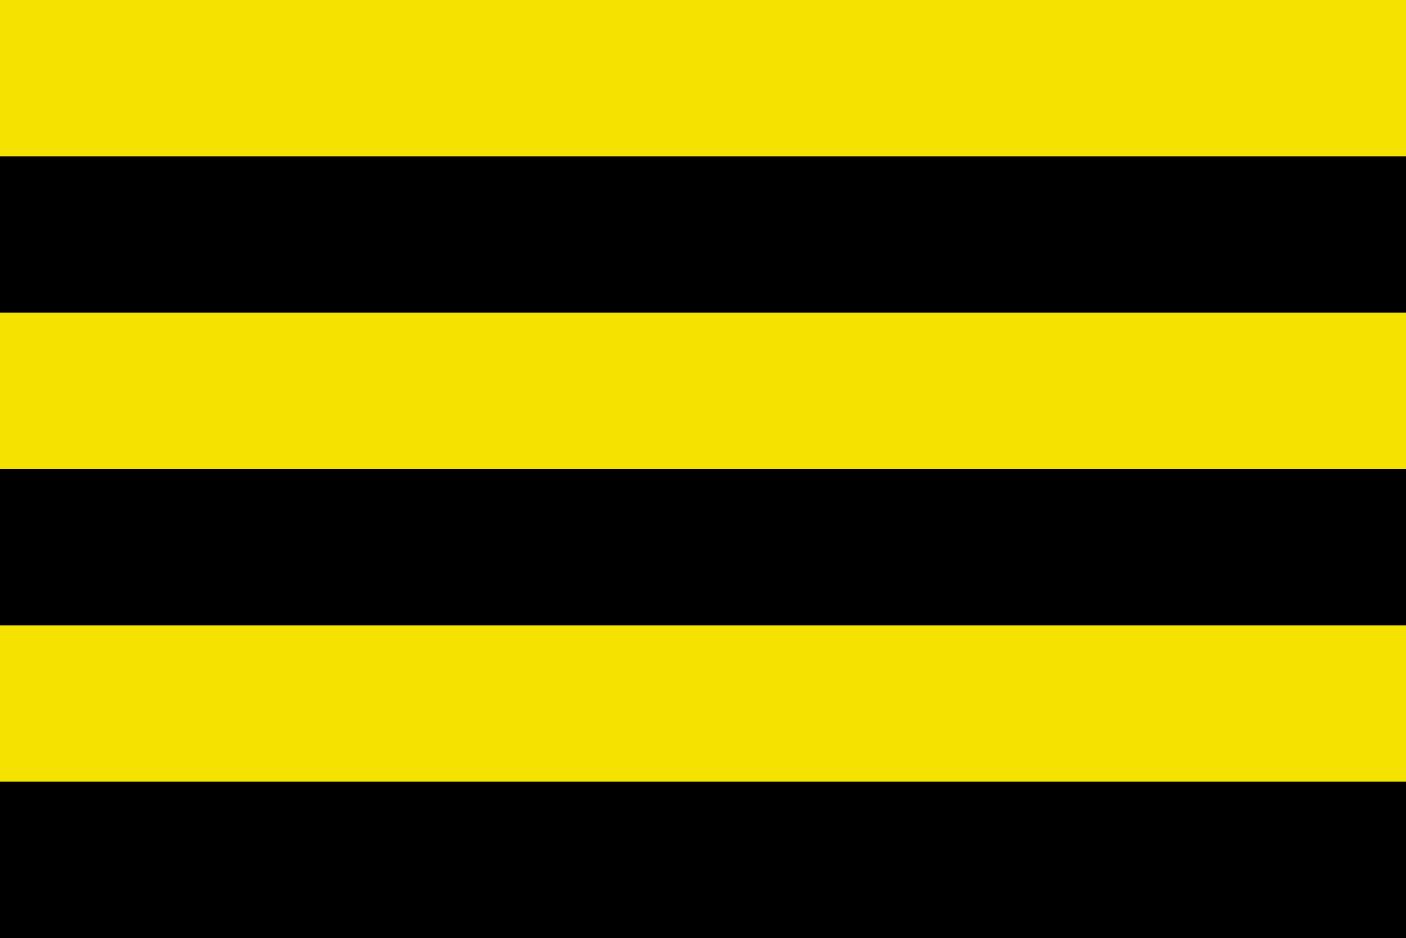 Flag_of_Schiedam